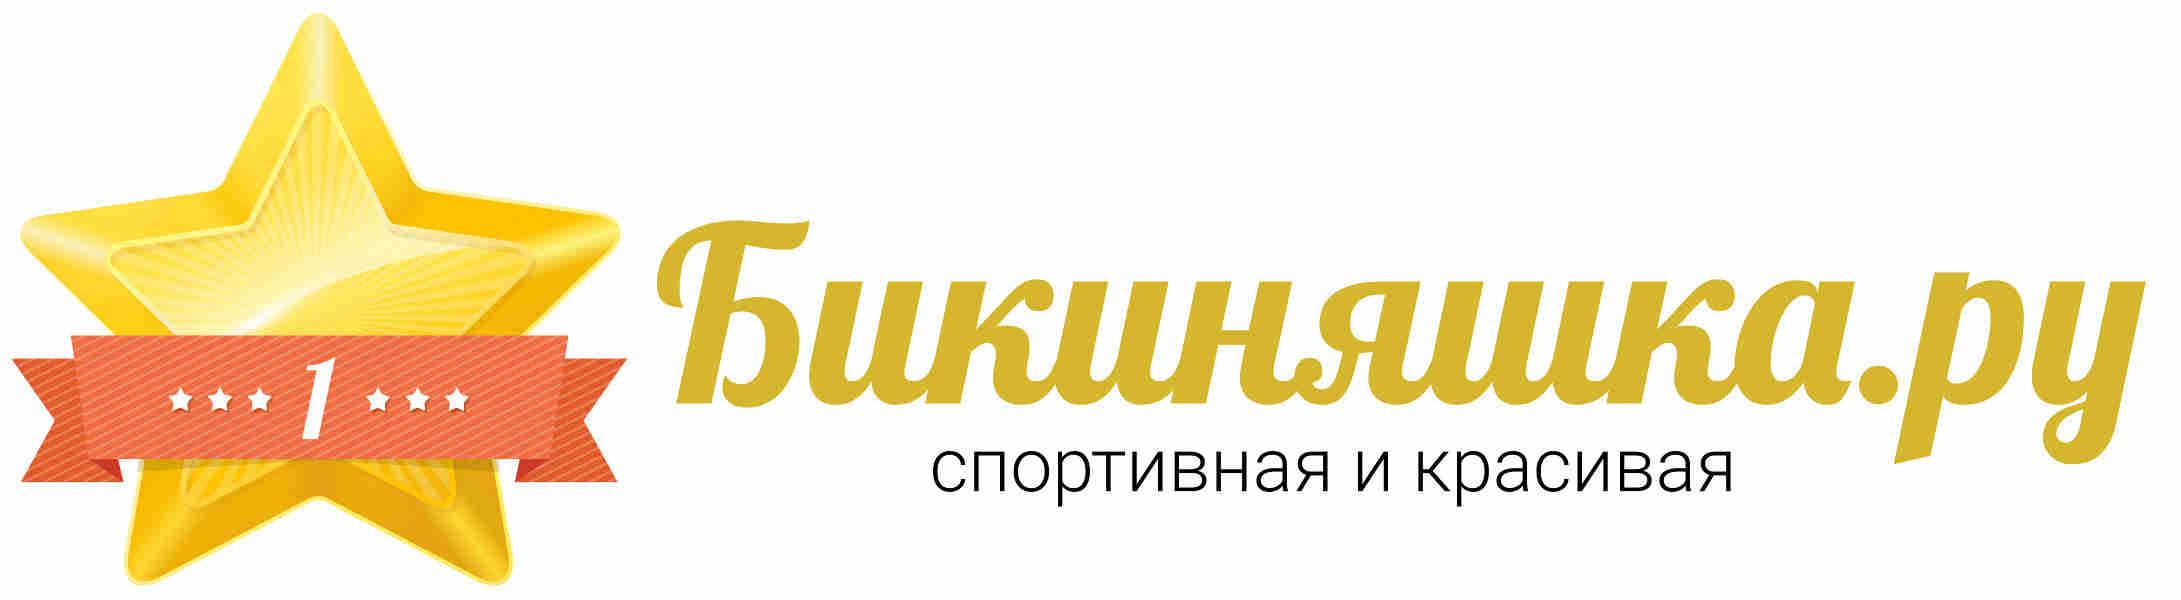 Бикиняшка.ру